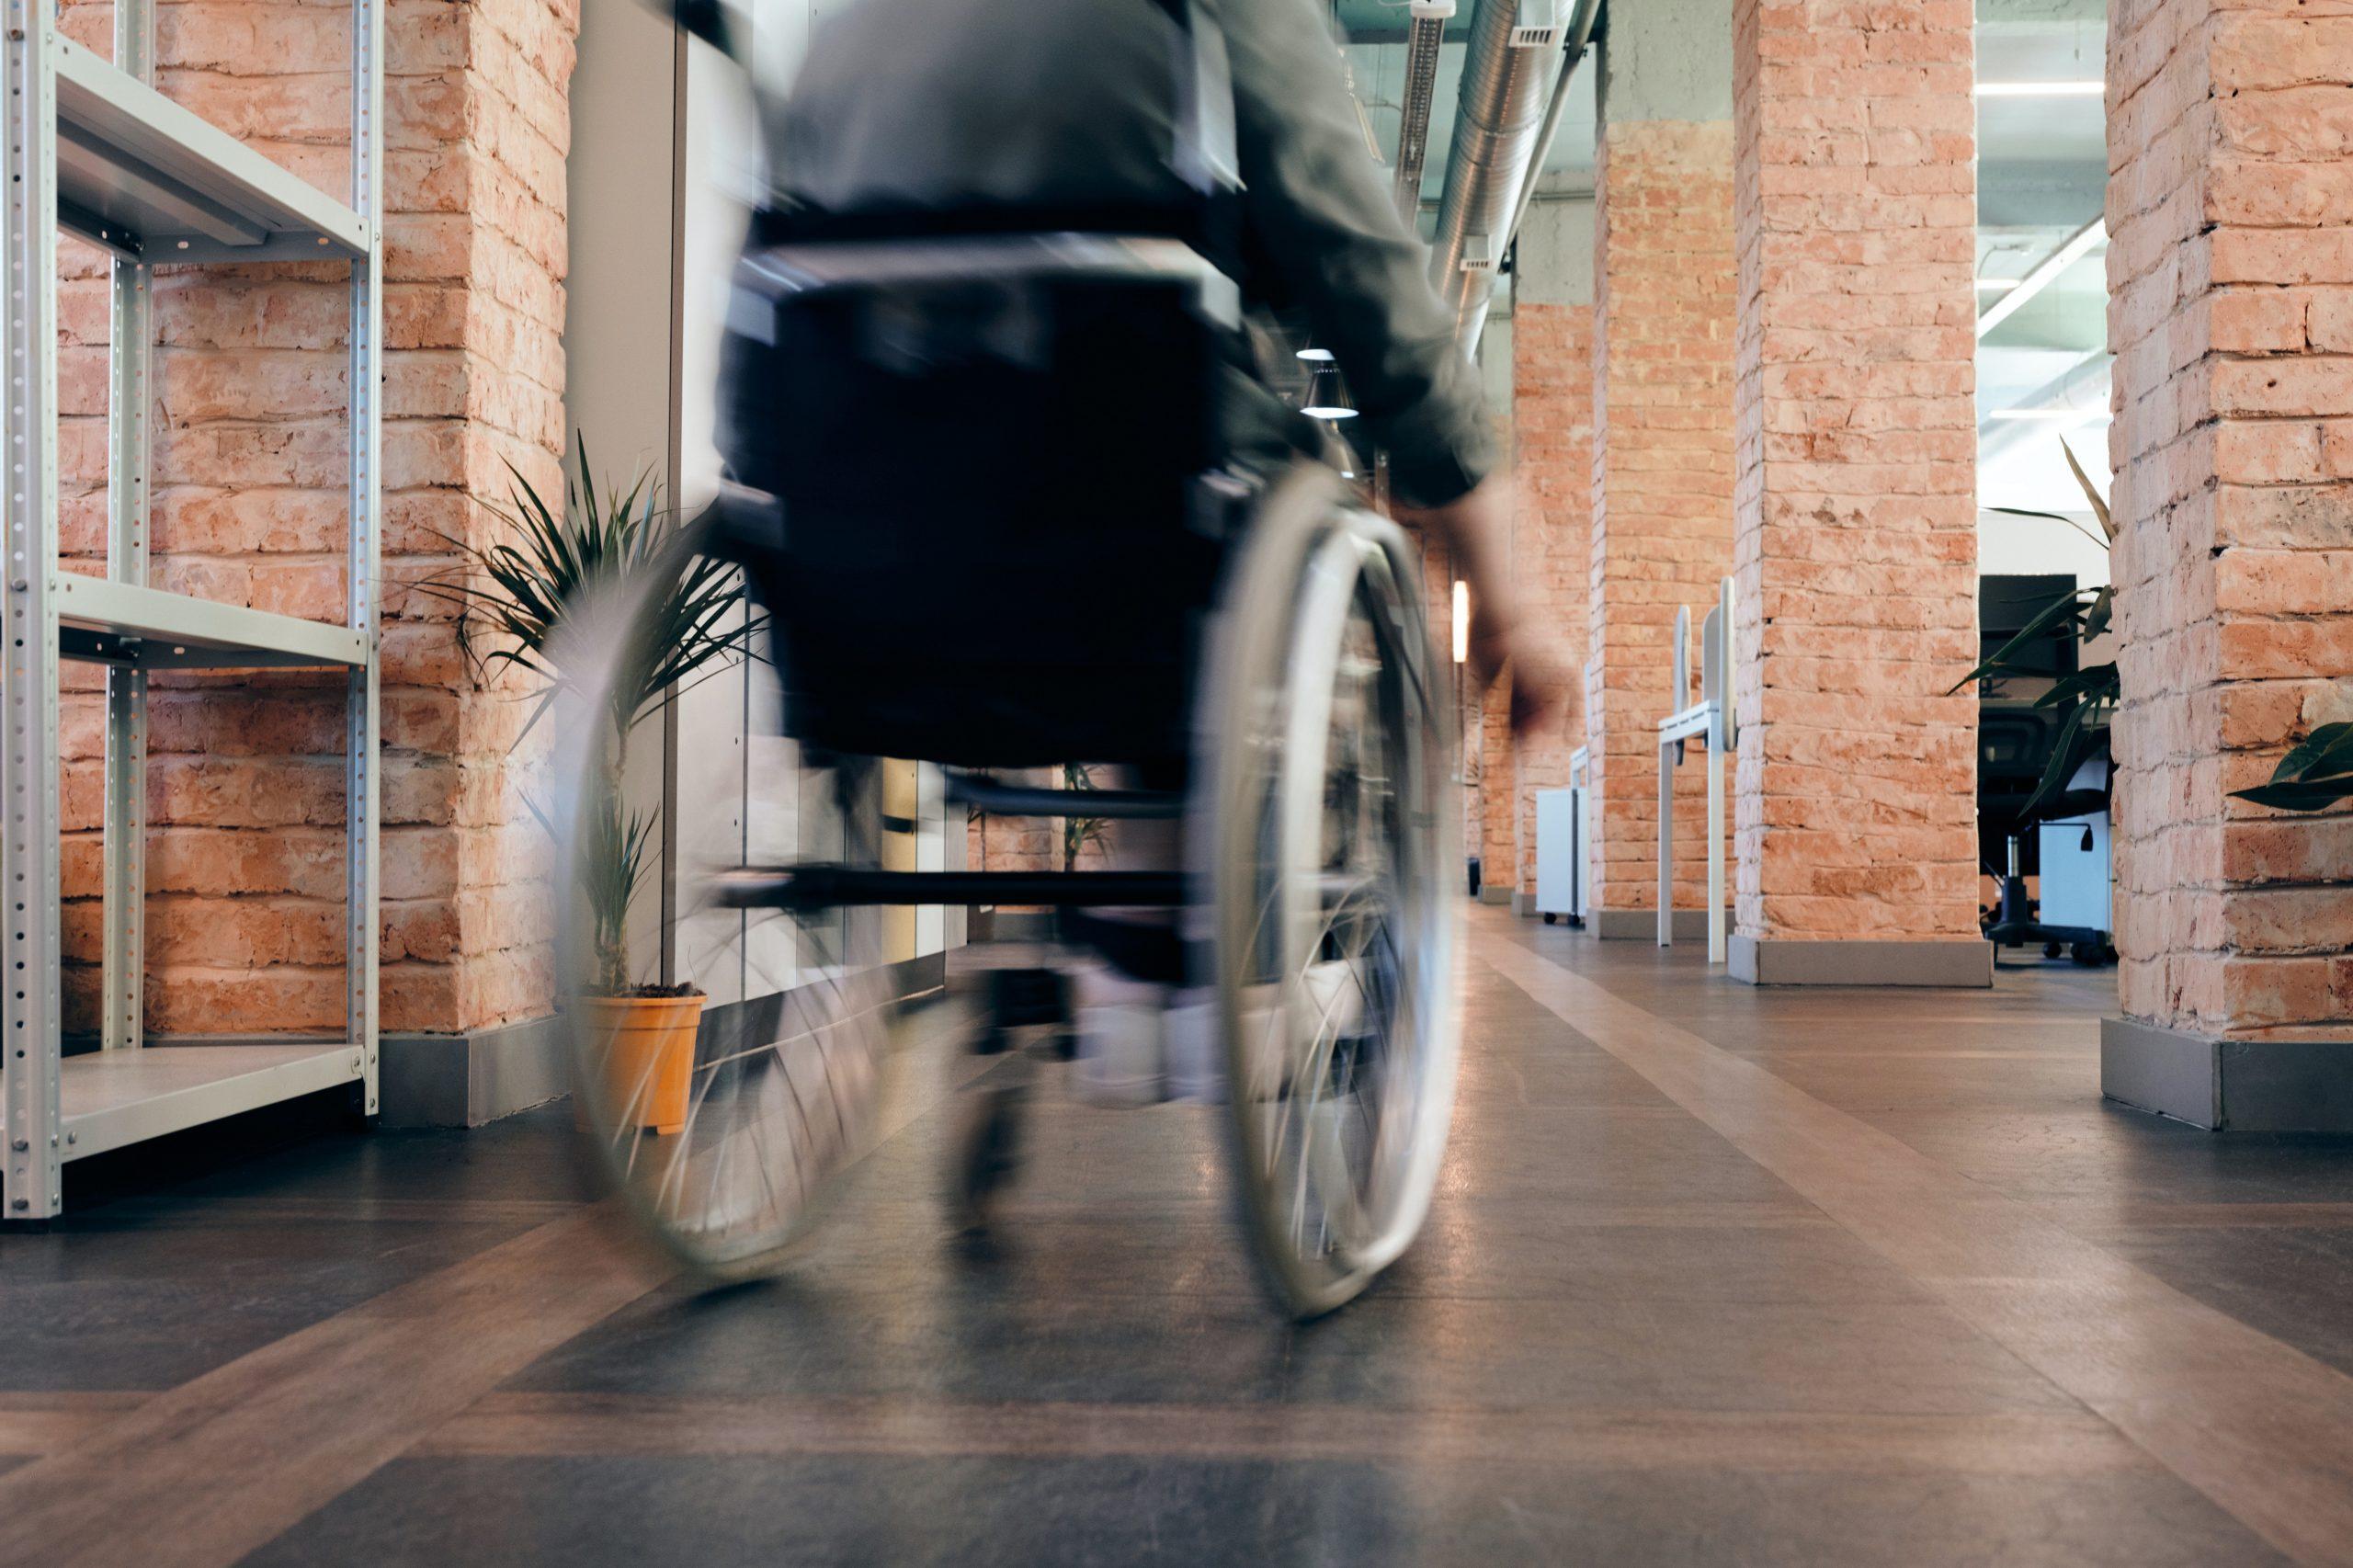 detrazioni veicoli persone handicap